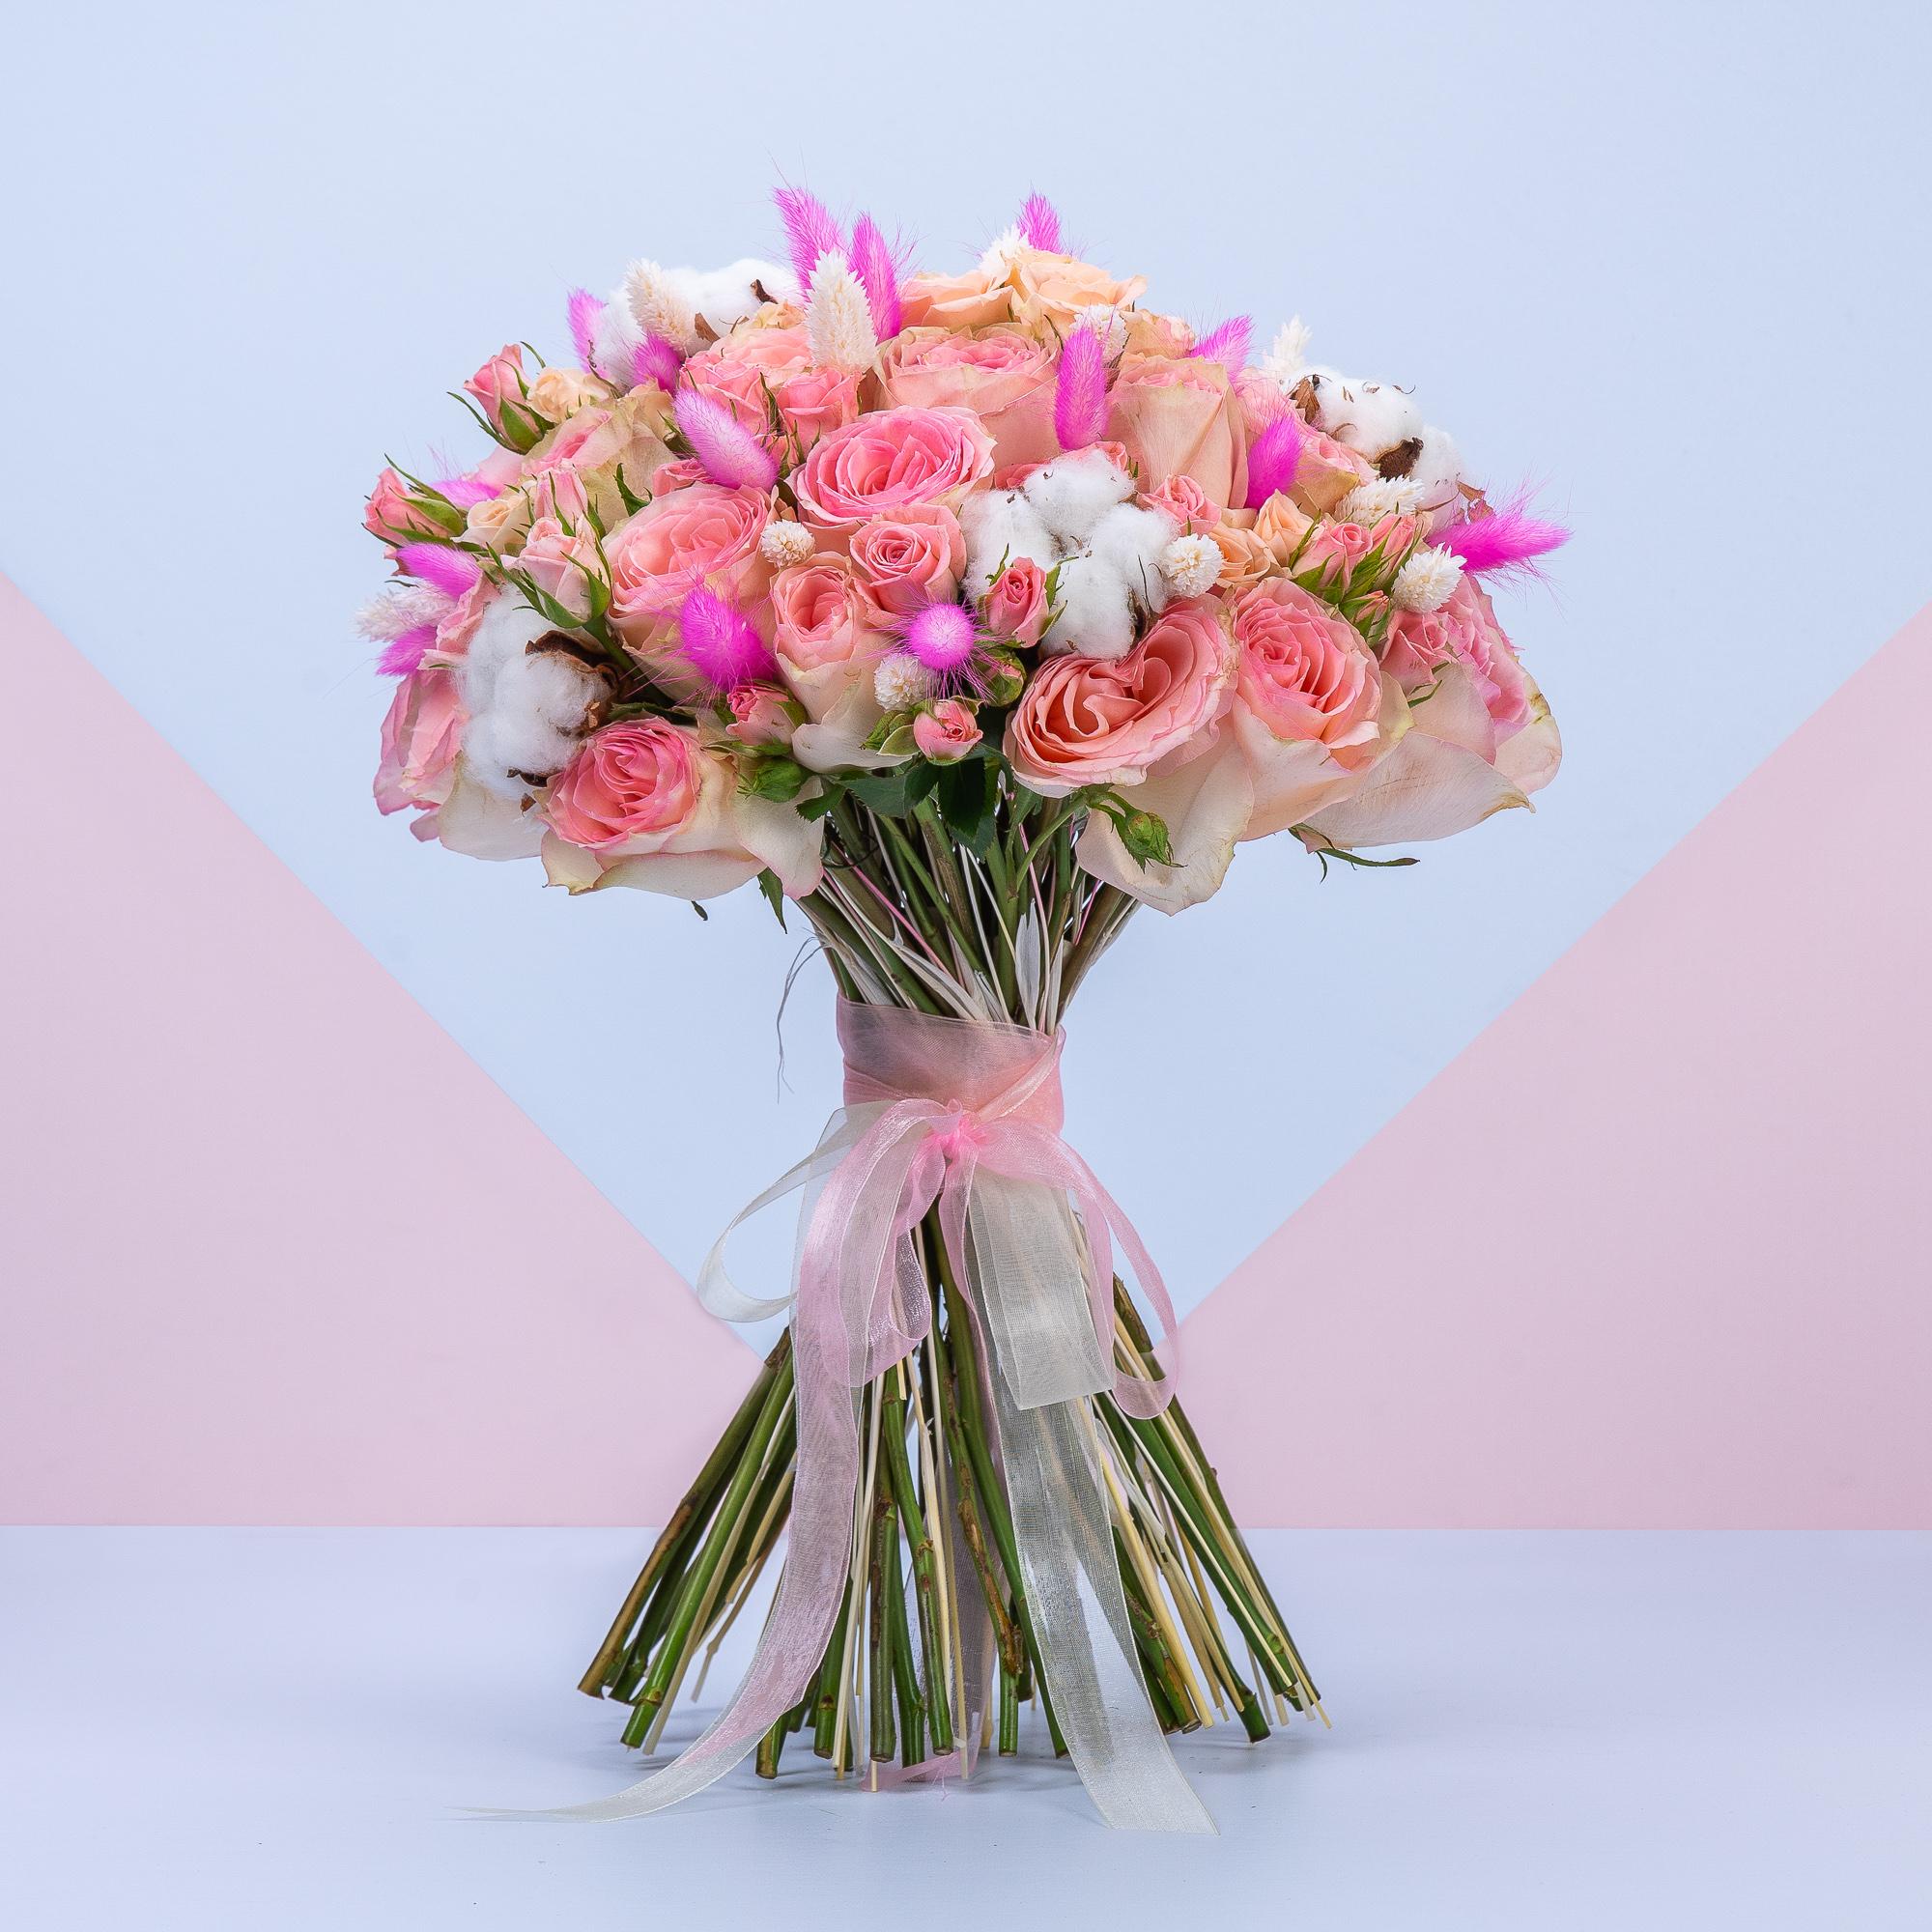 Seeta's Bouquet II